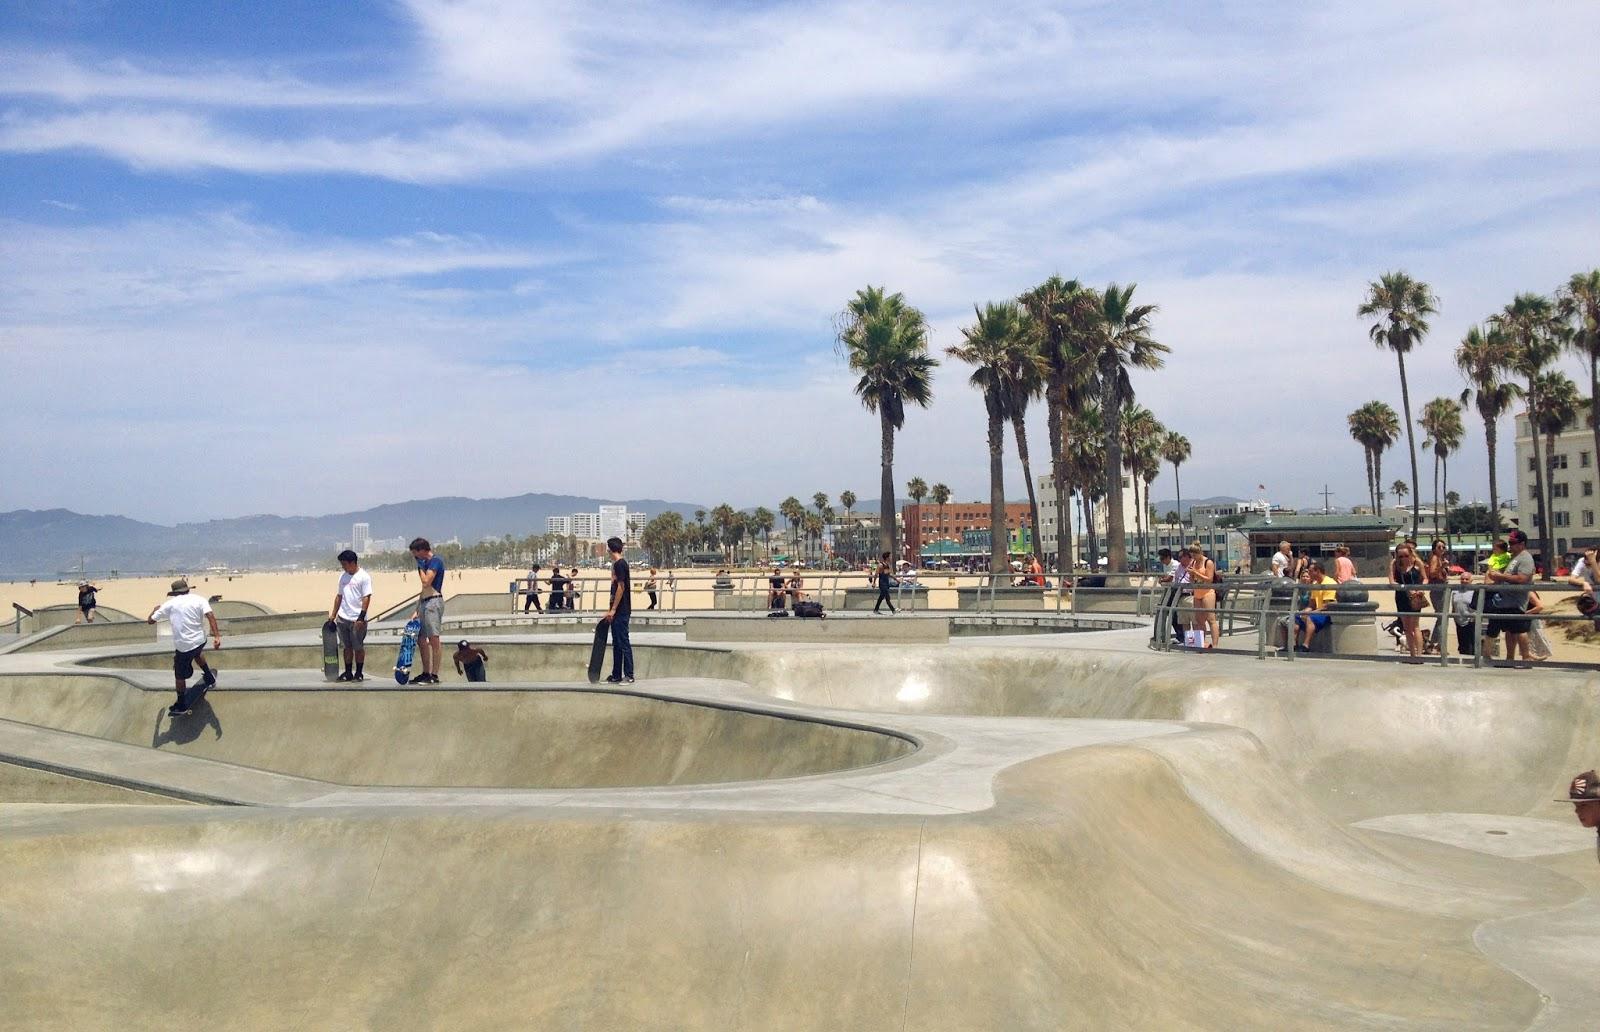 cozy birdhouse | venice beach skate park